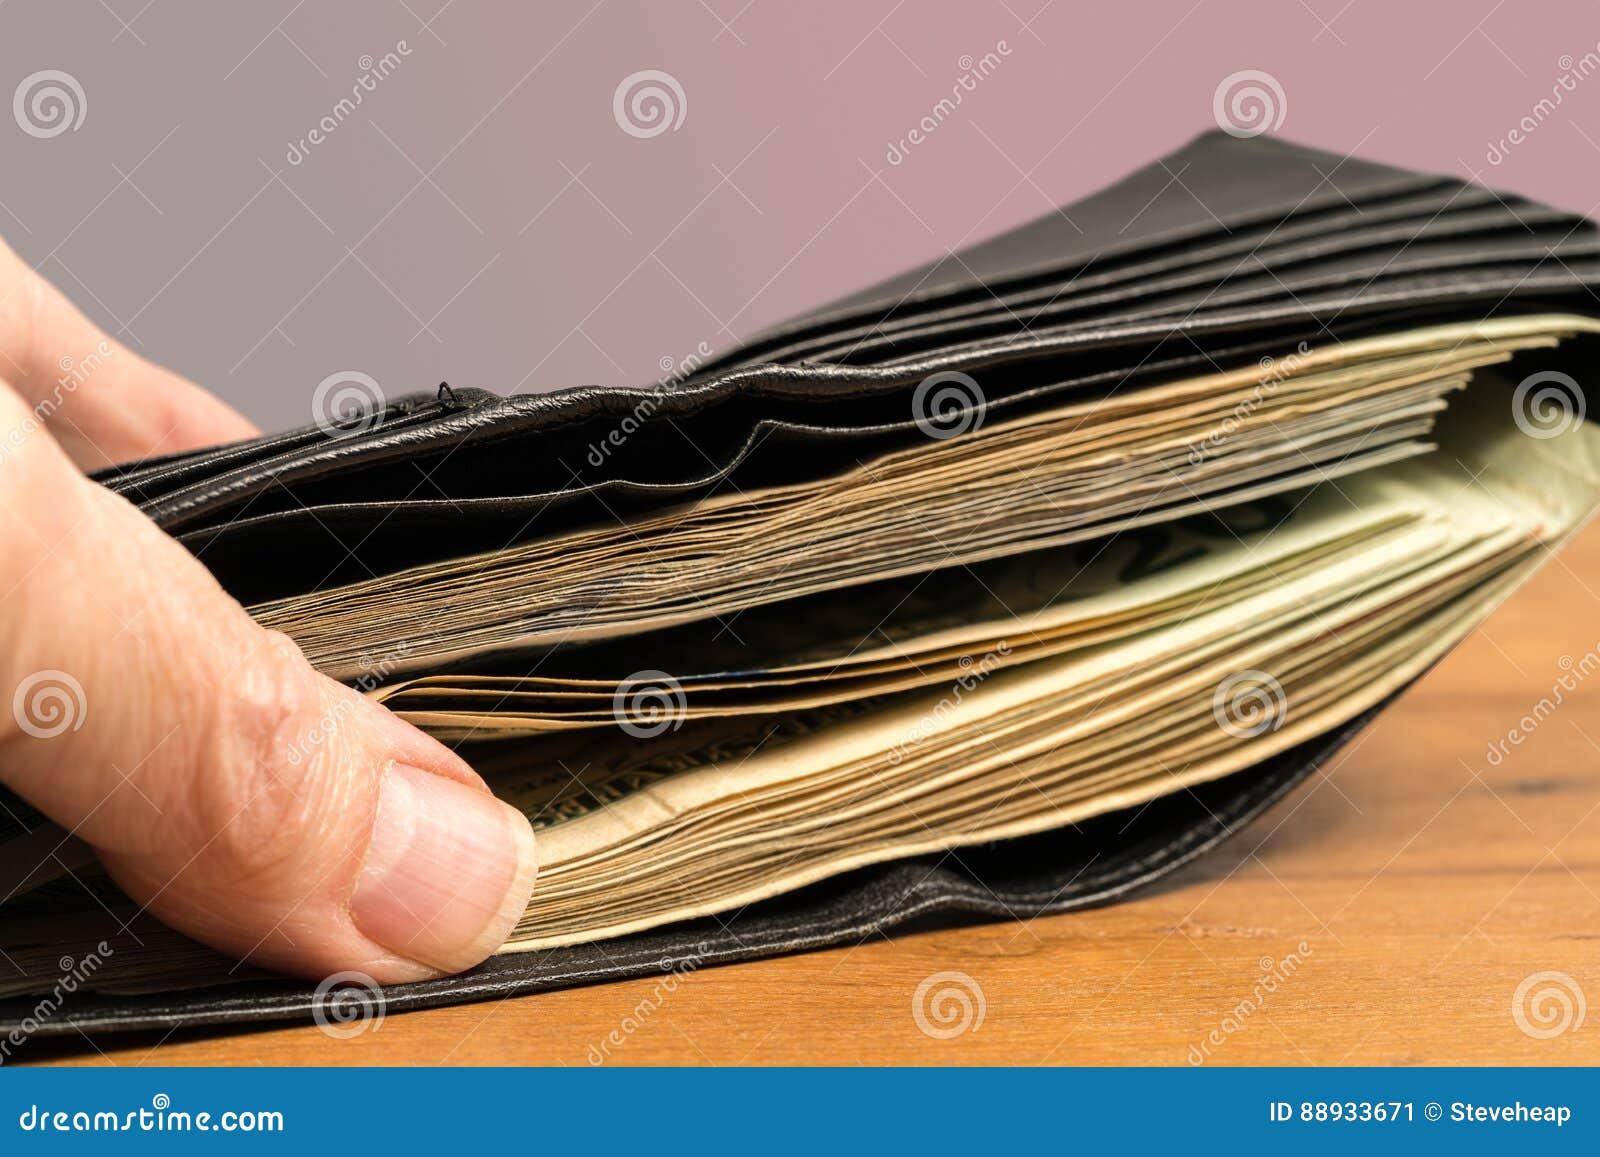 36b473a51 La pila de billetes de dólar de los E.E.U.U. veinte escondió en cartera para  ilustrar economía del efectivo o de sombra